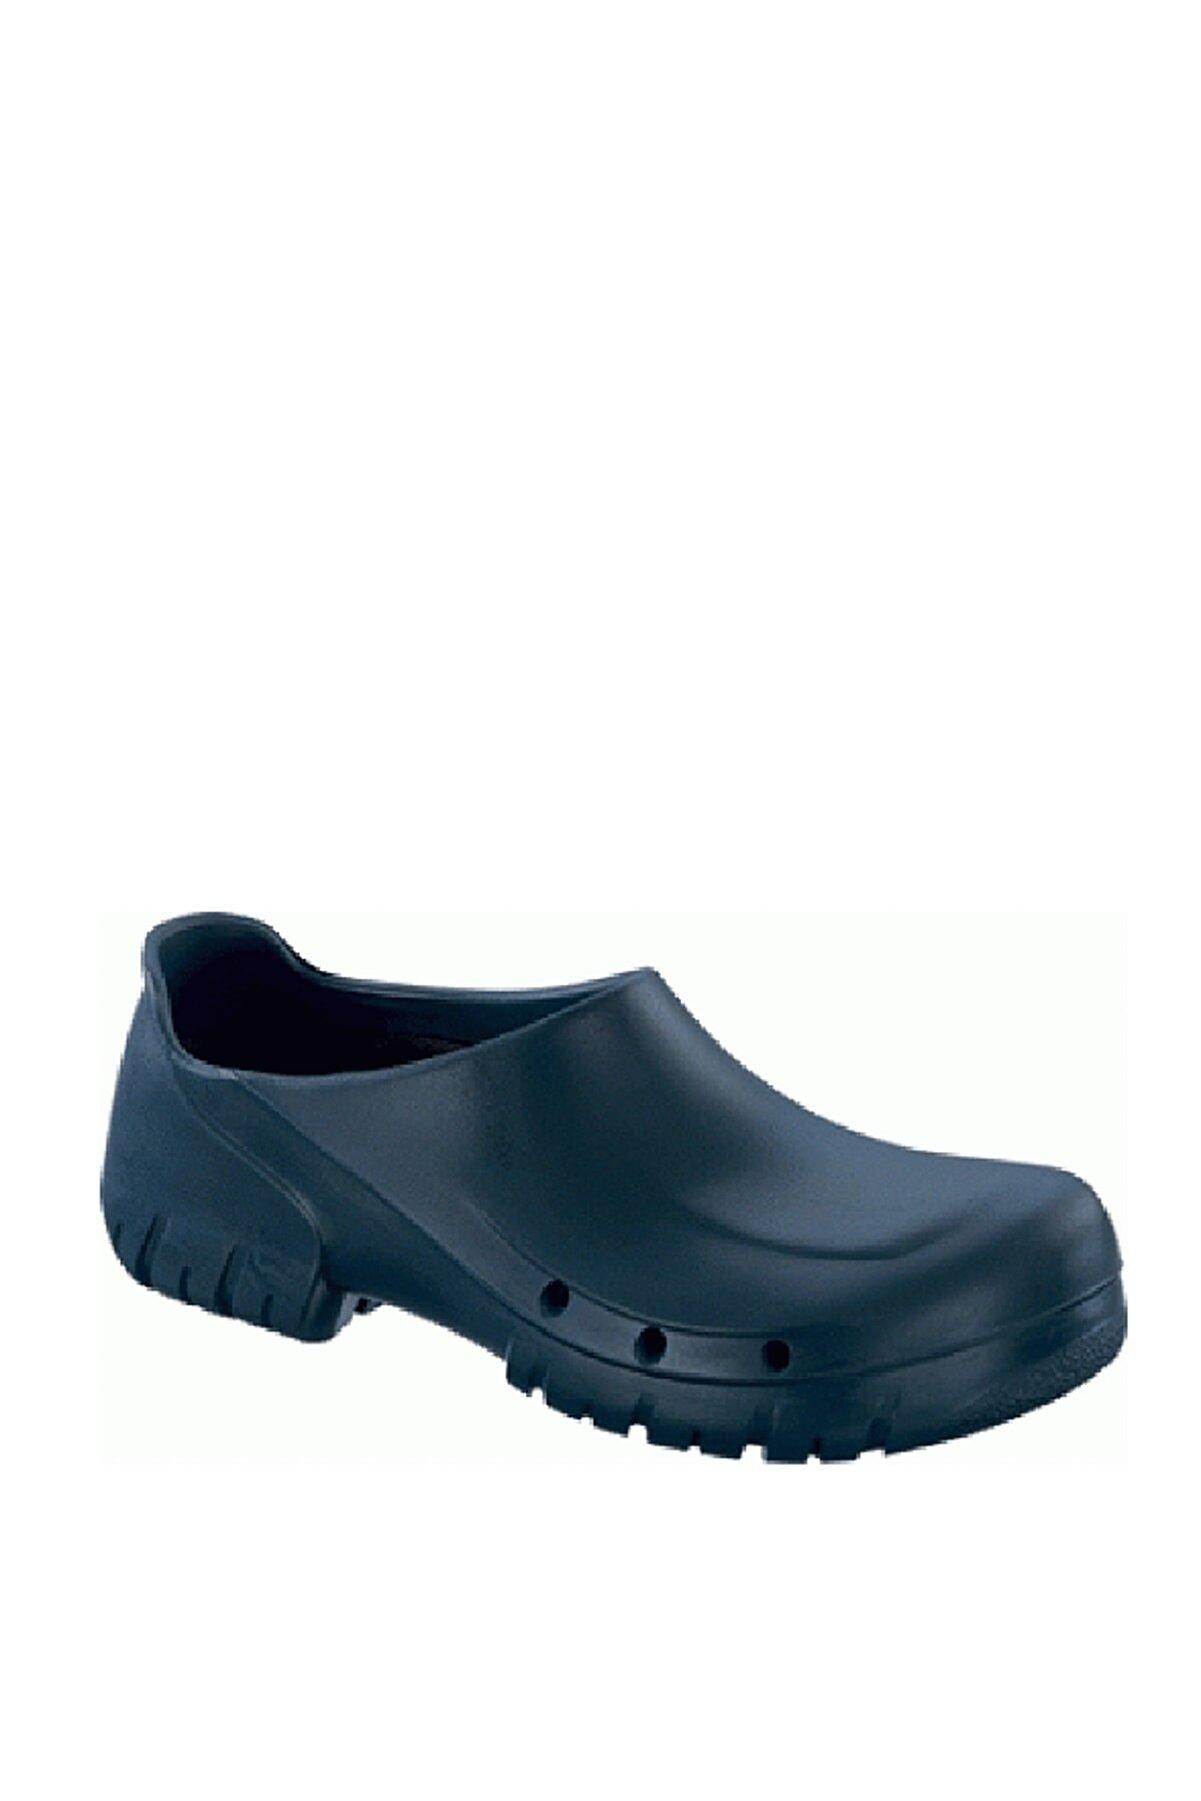 Birkenstock Alpro A 650 Aır Mavi Ayakkabı